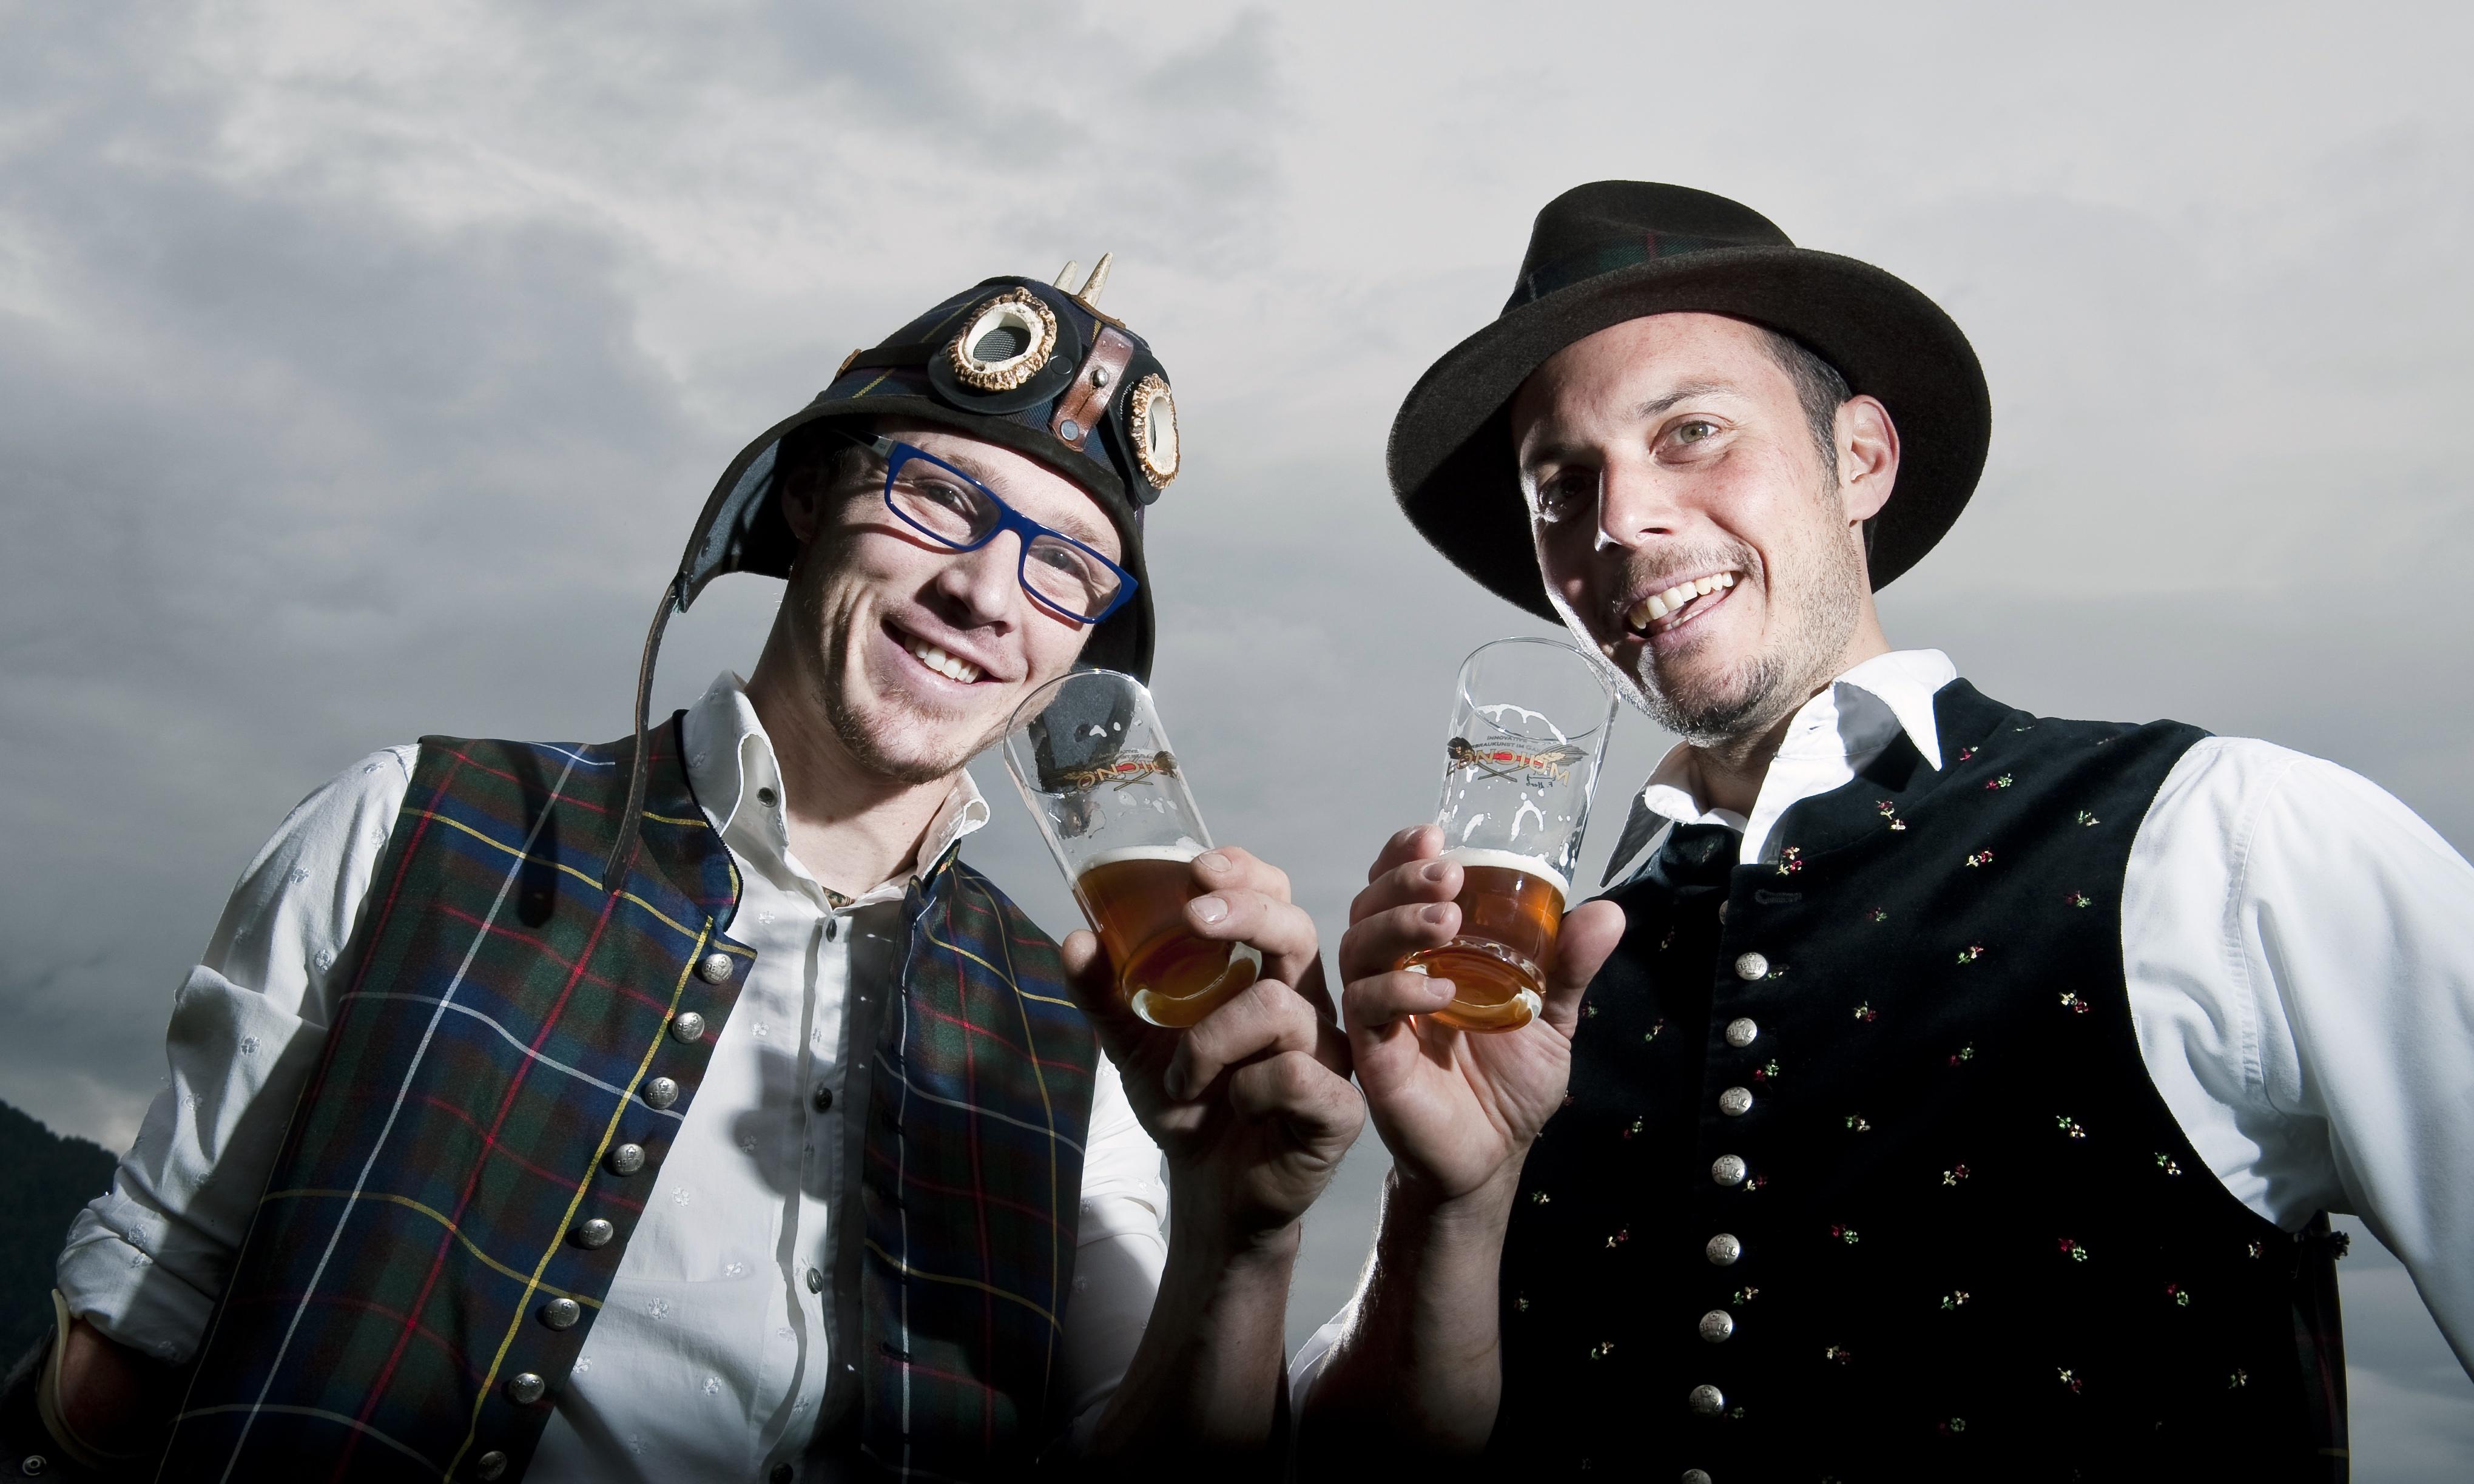 Stefan Feistritzer und Alois Planner von der Craft Bier Brauerei Loncium in Kötschach Mauthen